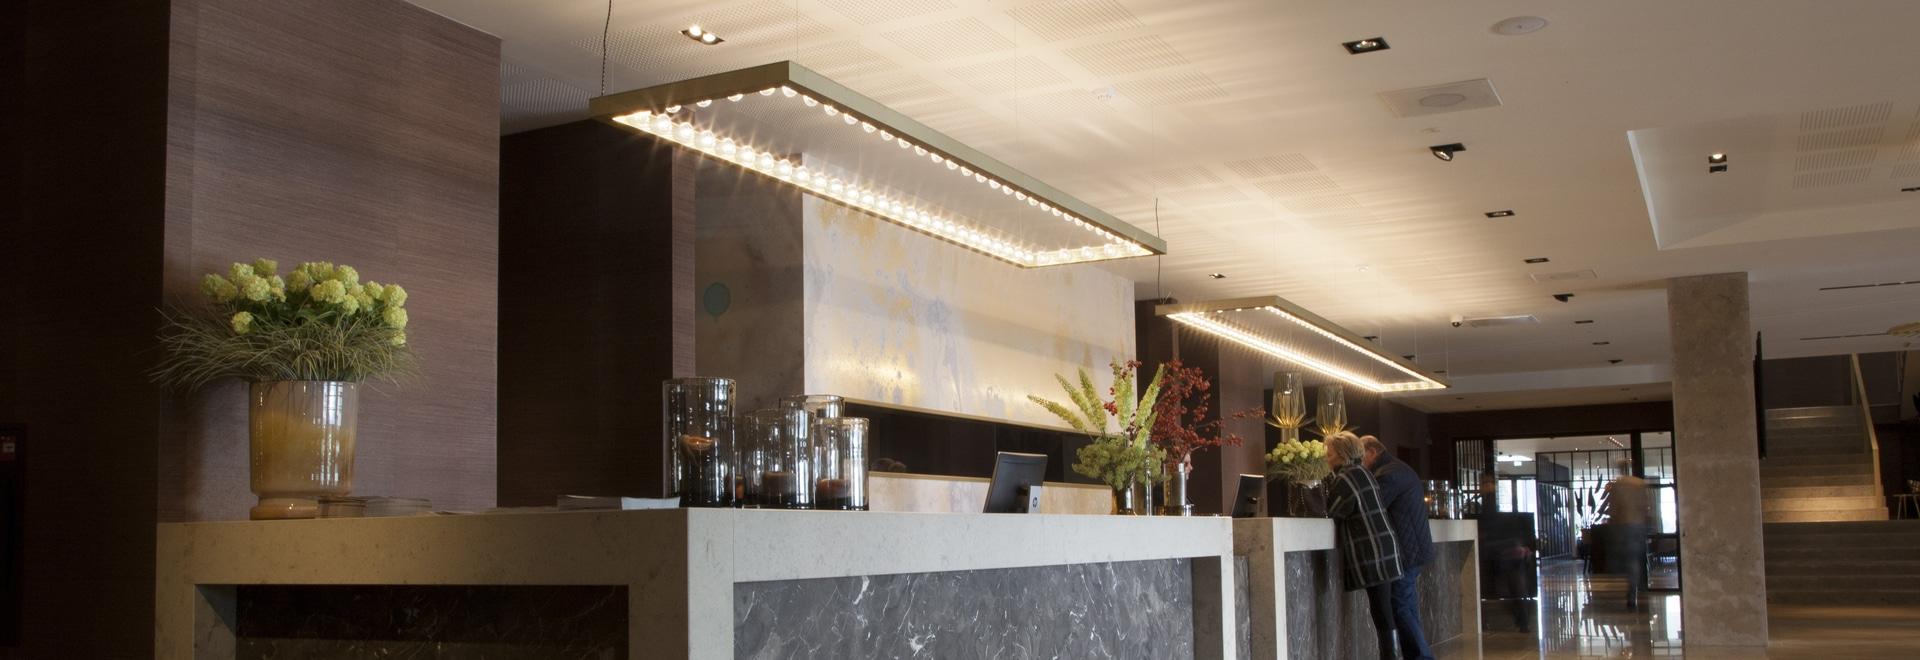 Nueva colección de JSPR capítulo y líneas de la pared en el Van der Valk Hotel Enschede